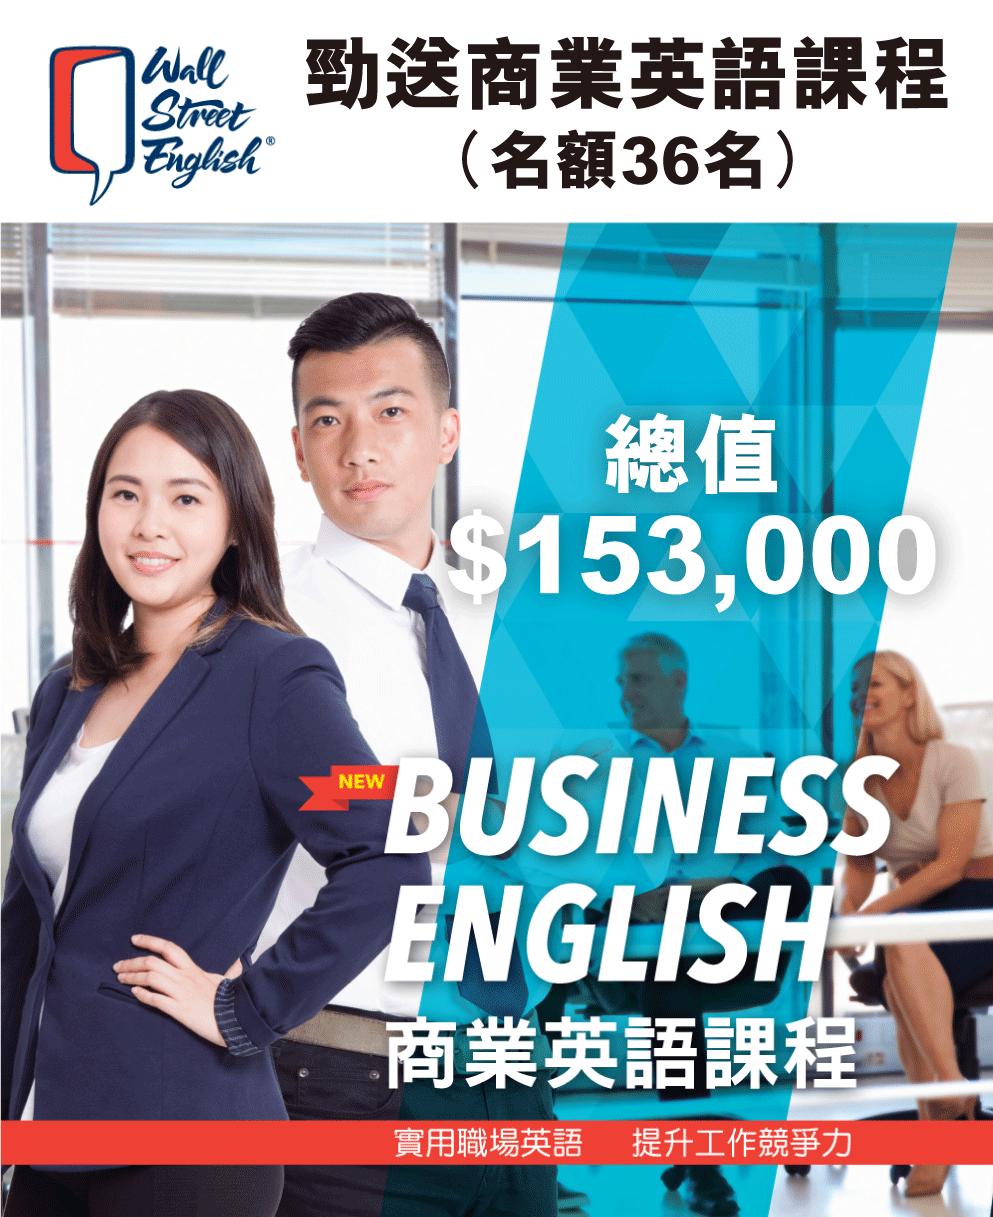 告別港式英語 !「頭條Jetso」App送逾15萬Wall Street English 商業英語課程名額